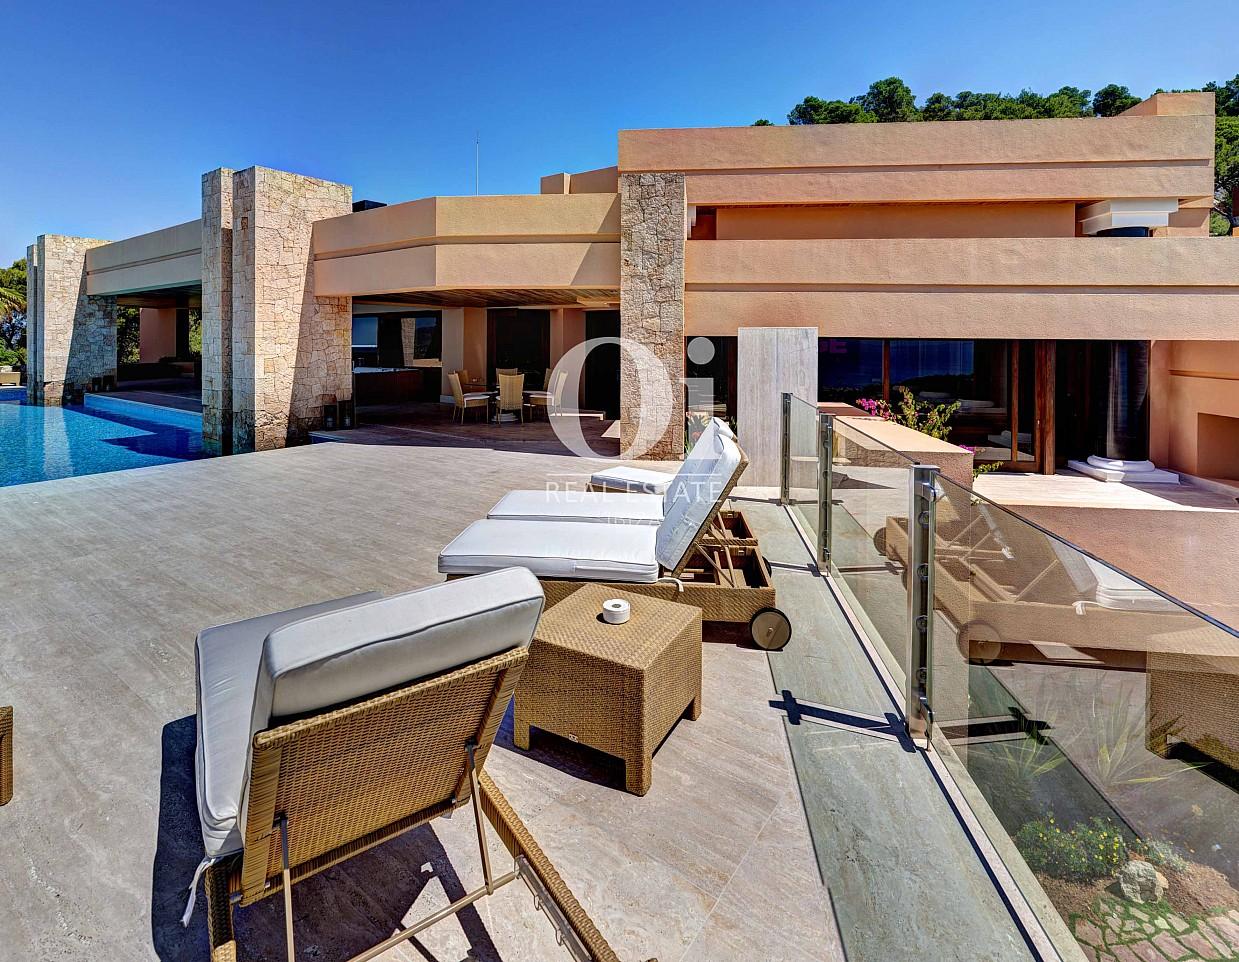 Blick auf die Fassade der Luxus-Villa zur Miete bei Ibiza-Stadt